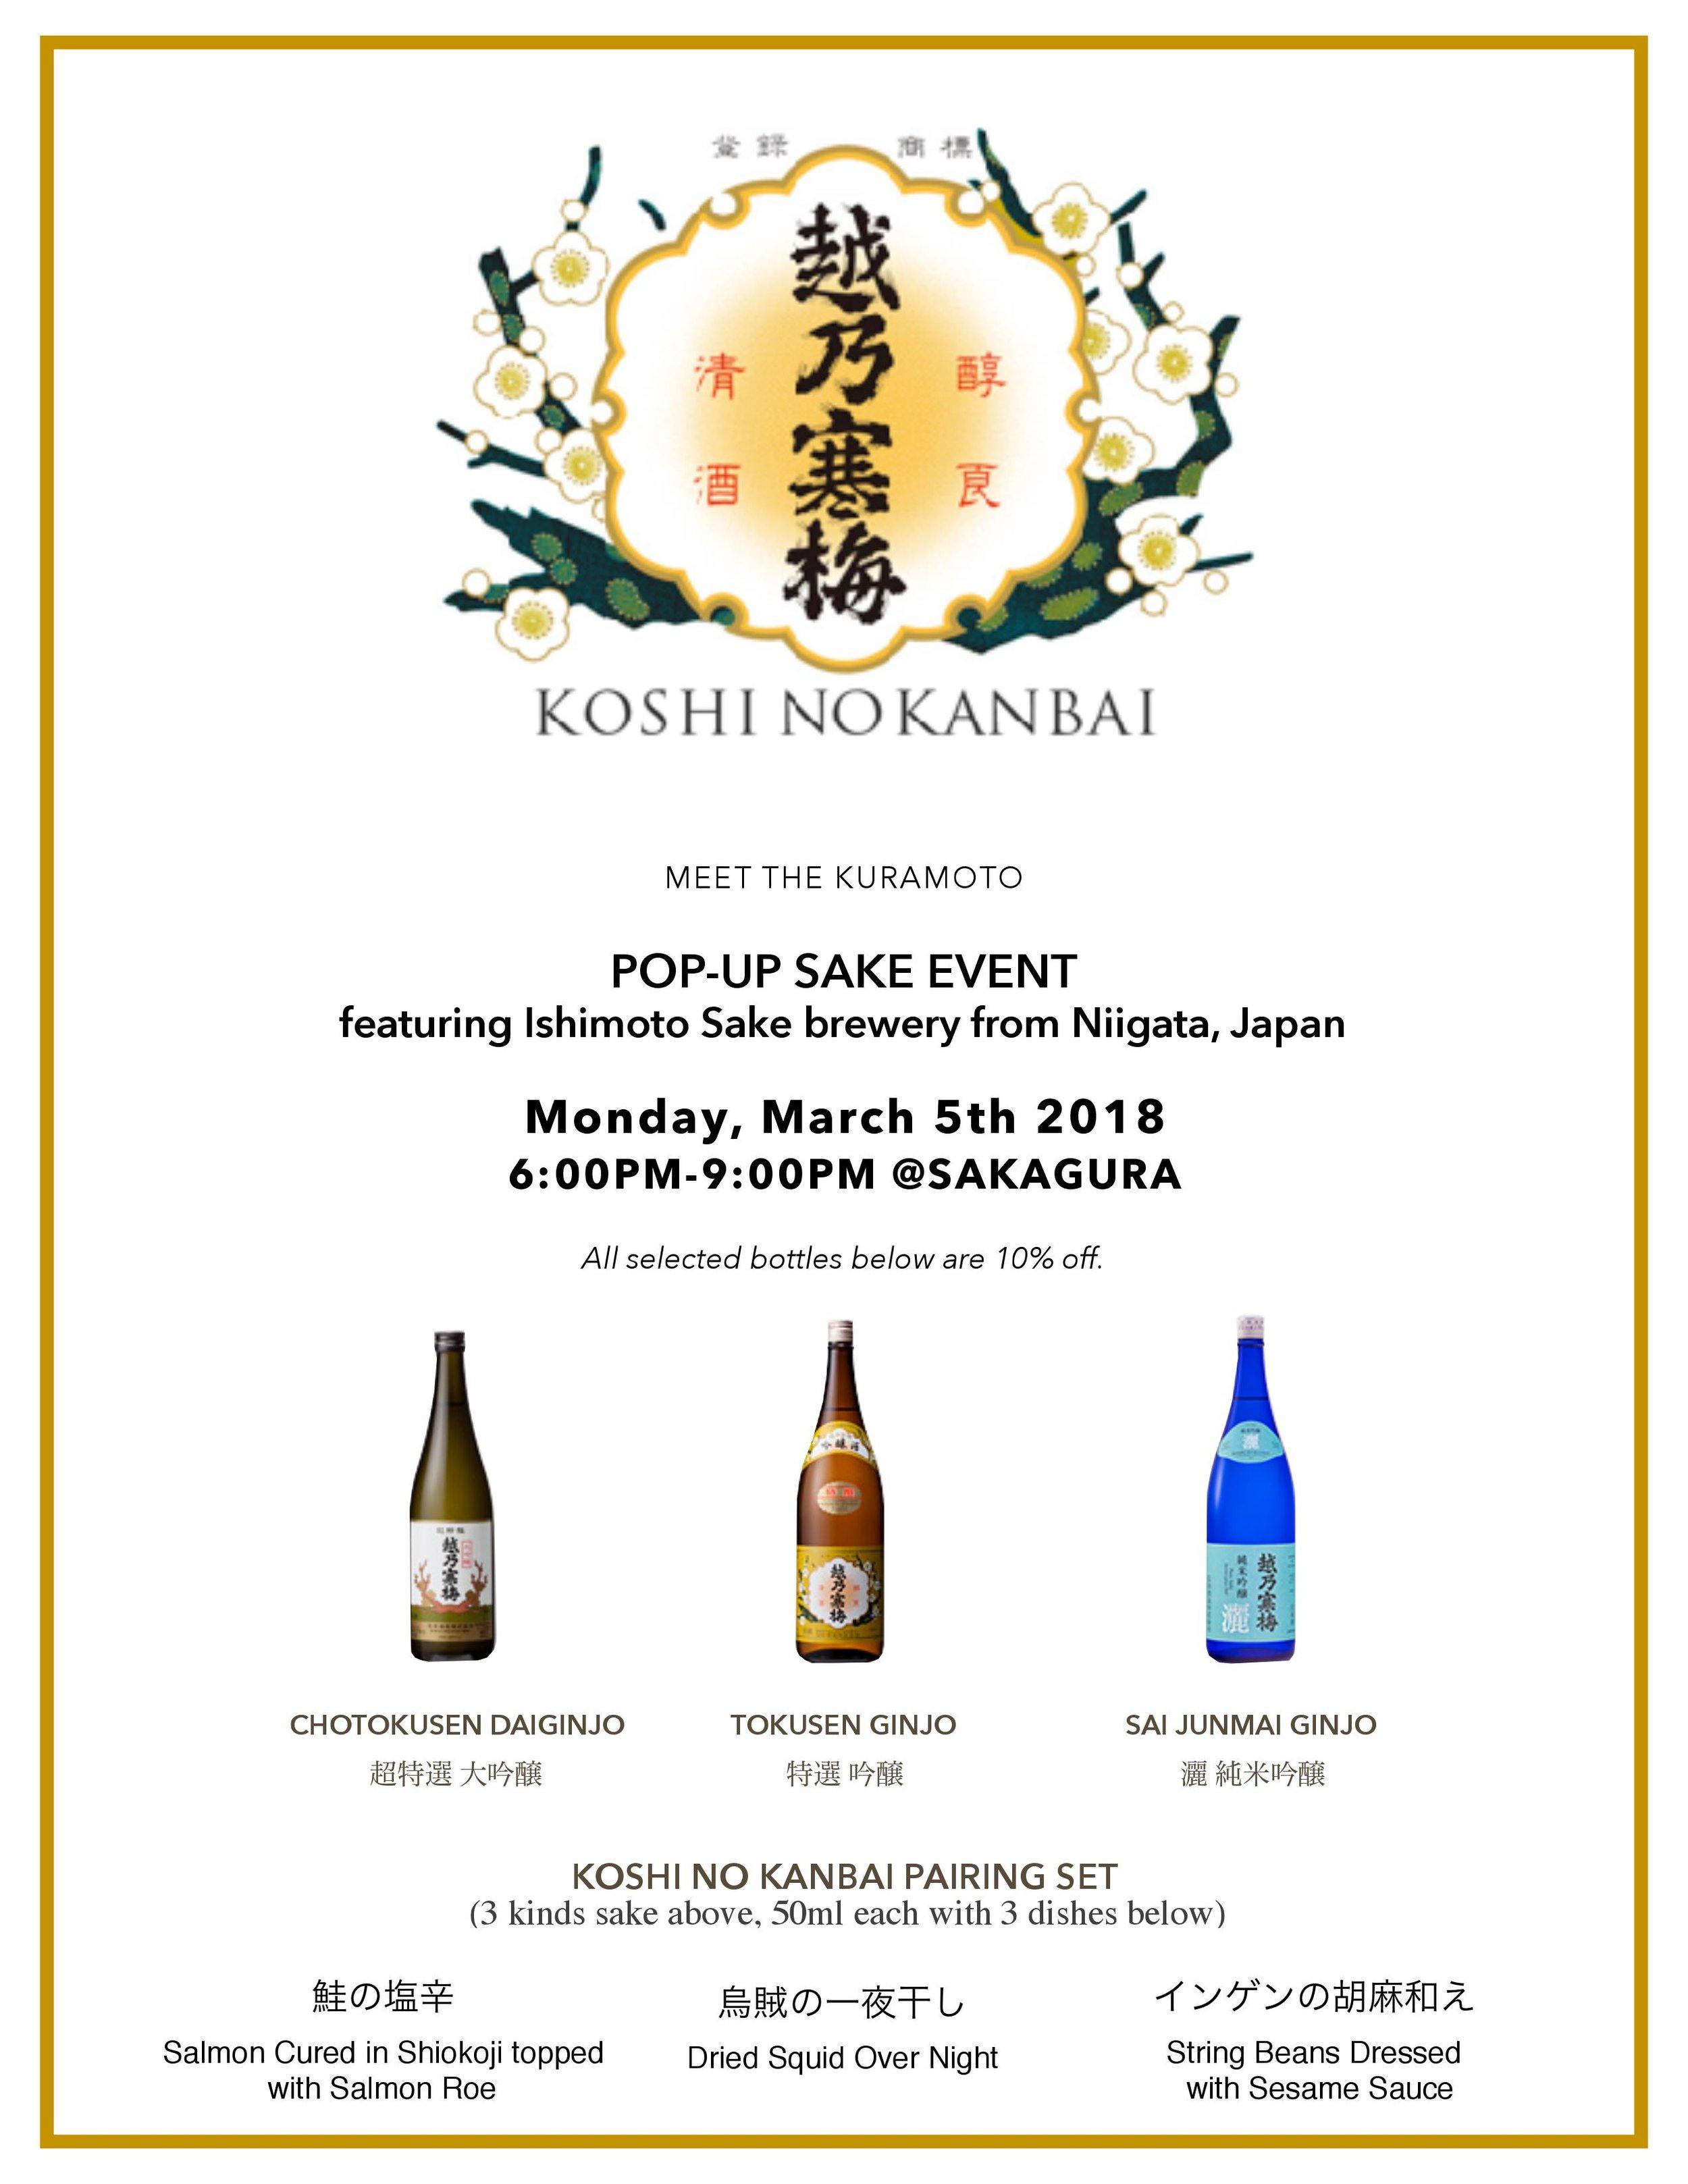 Sake_event-Koshi_no_kanbai.jpg